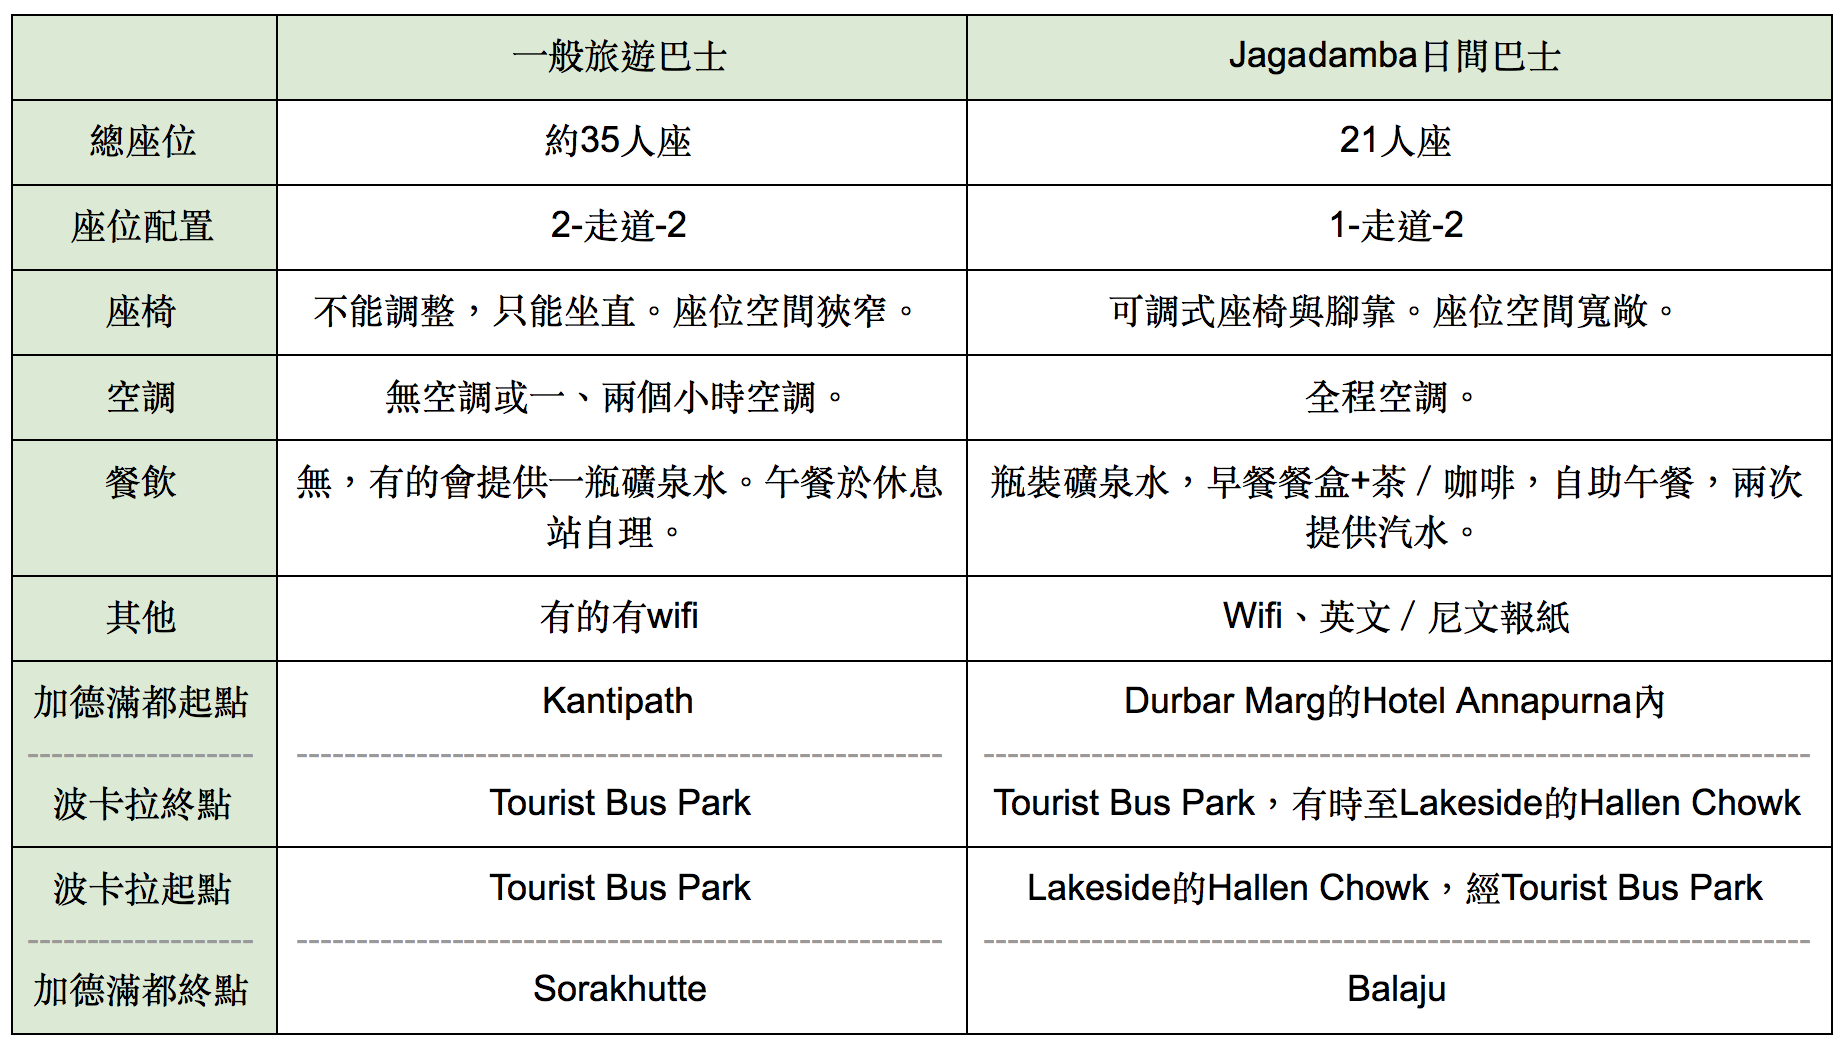 180626 Jagadamba-Chart 1